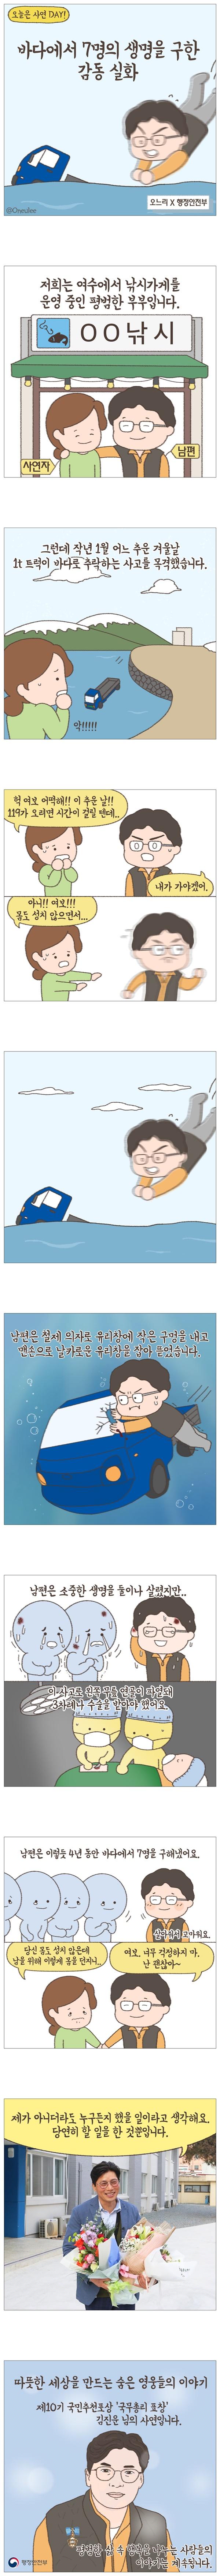 [웹툰] 바다에서 7명의 생명을 구한 감동 실화!